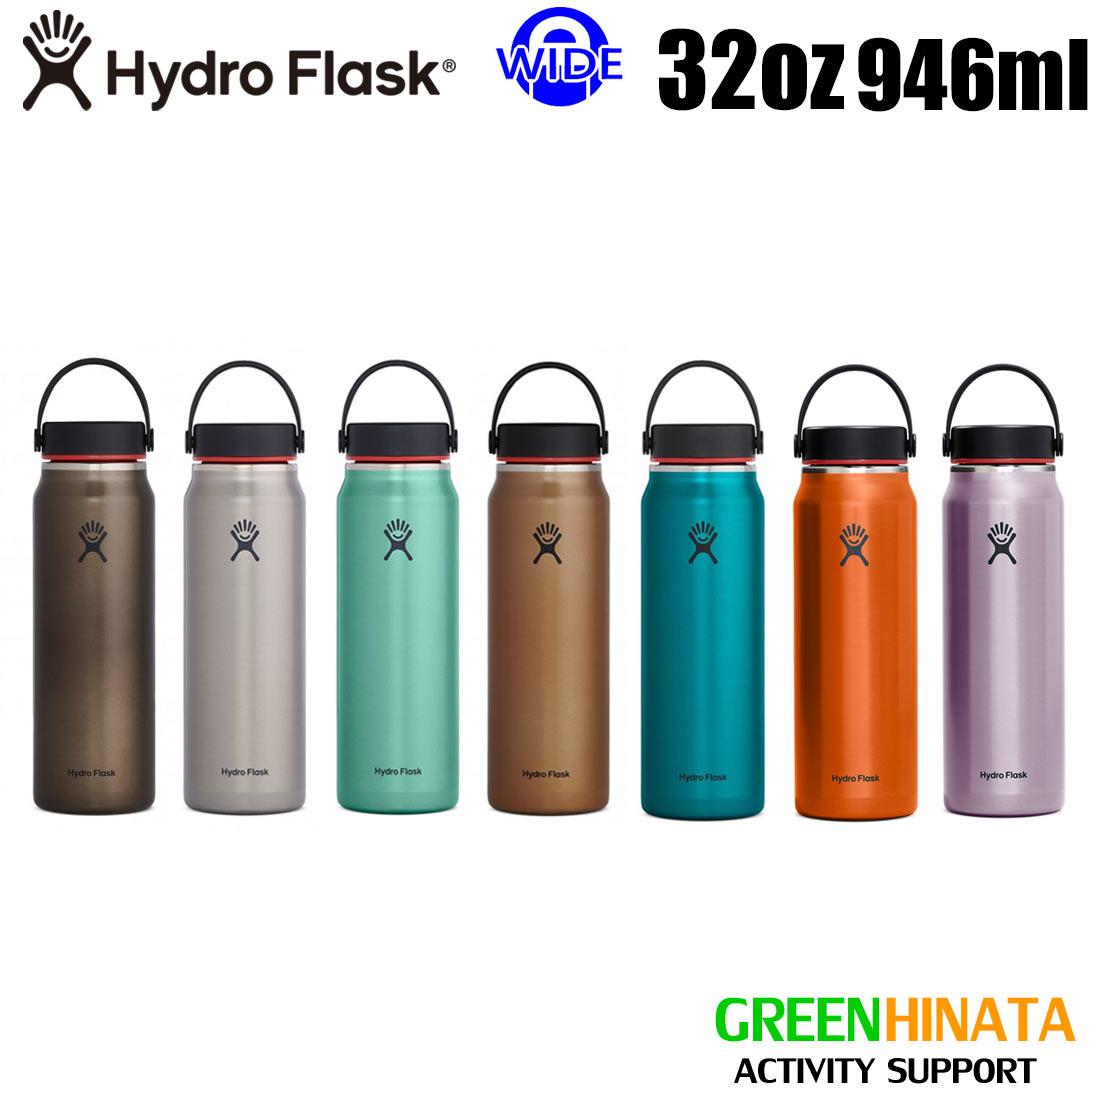 ハイドロフラスク ライトウエイト ワイドマウス32oz 保温 保冷 ボトル 水筒  国内正規品